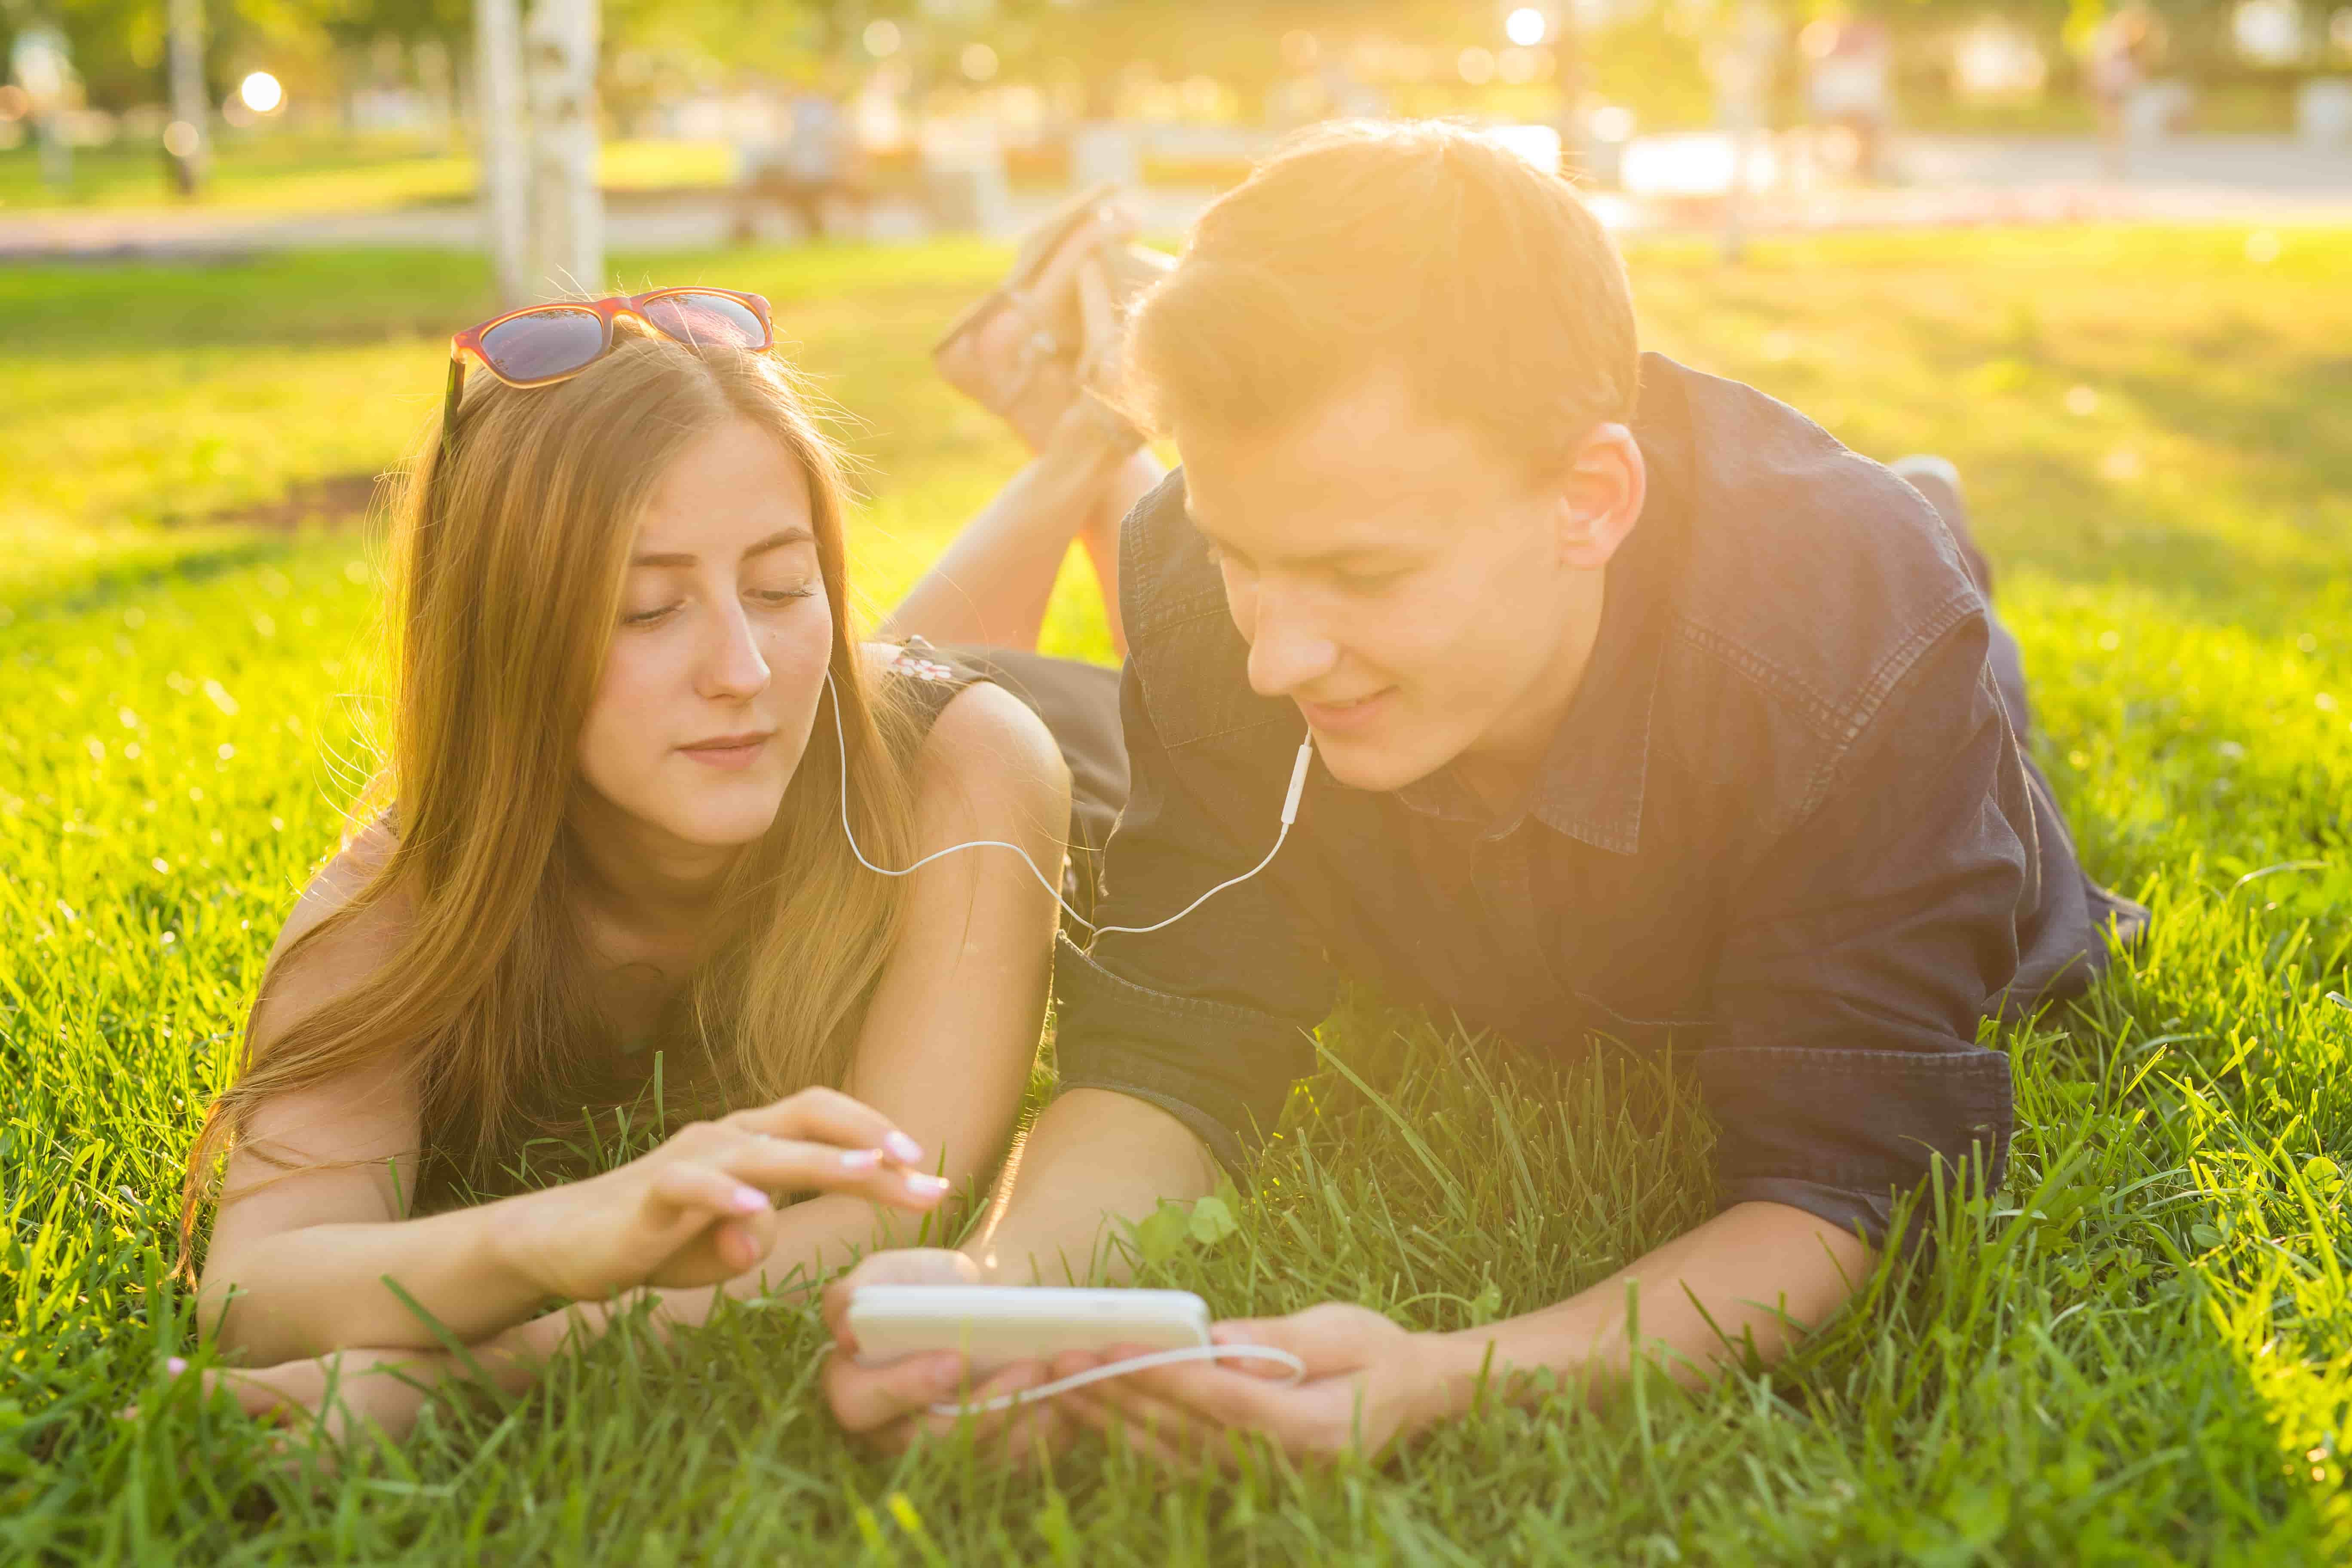 Стадии отношений между мужчиной и женщиной. Этапы влюбленности и развития отношений